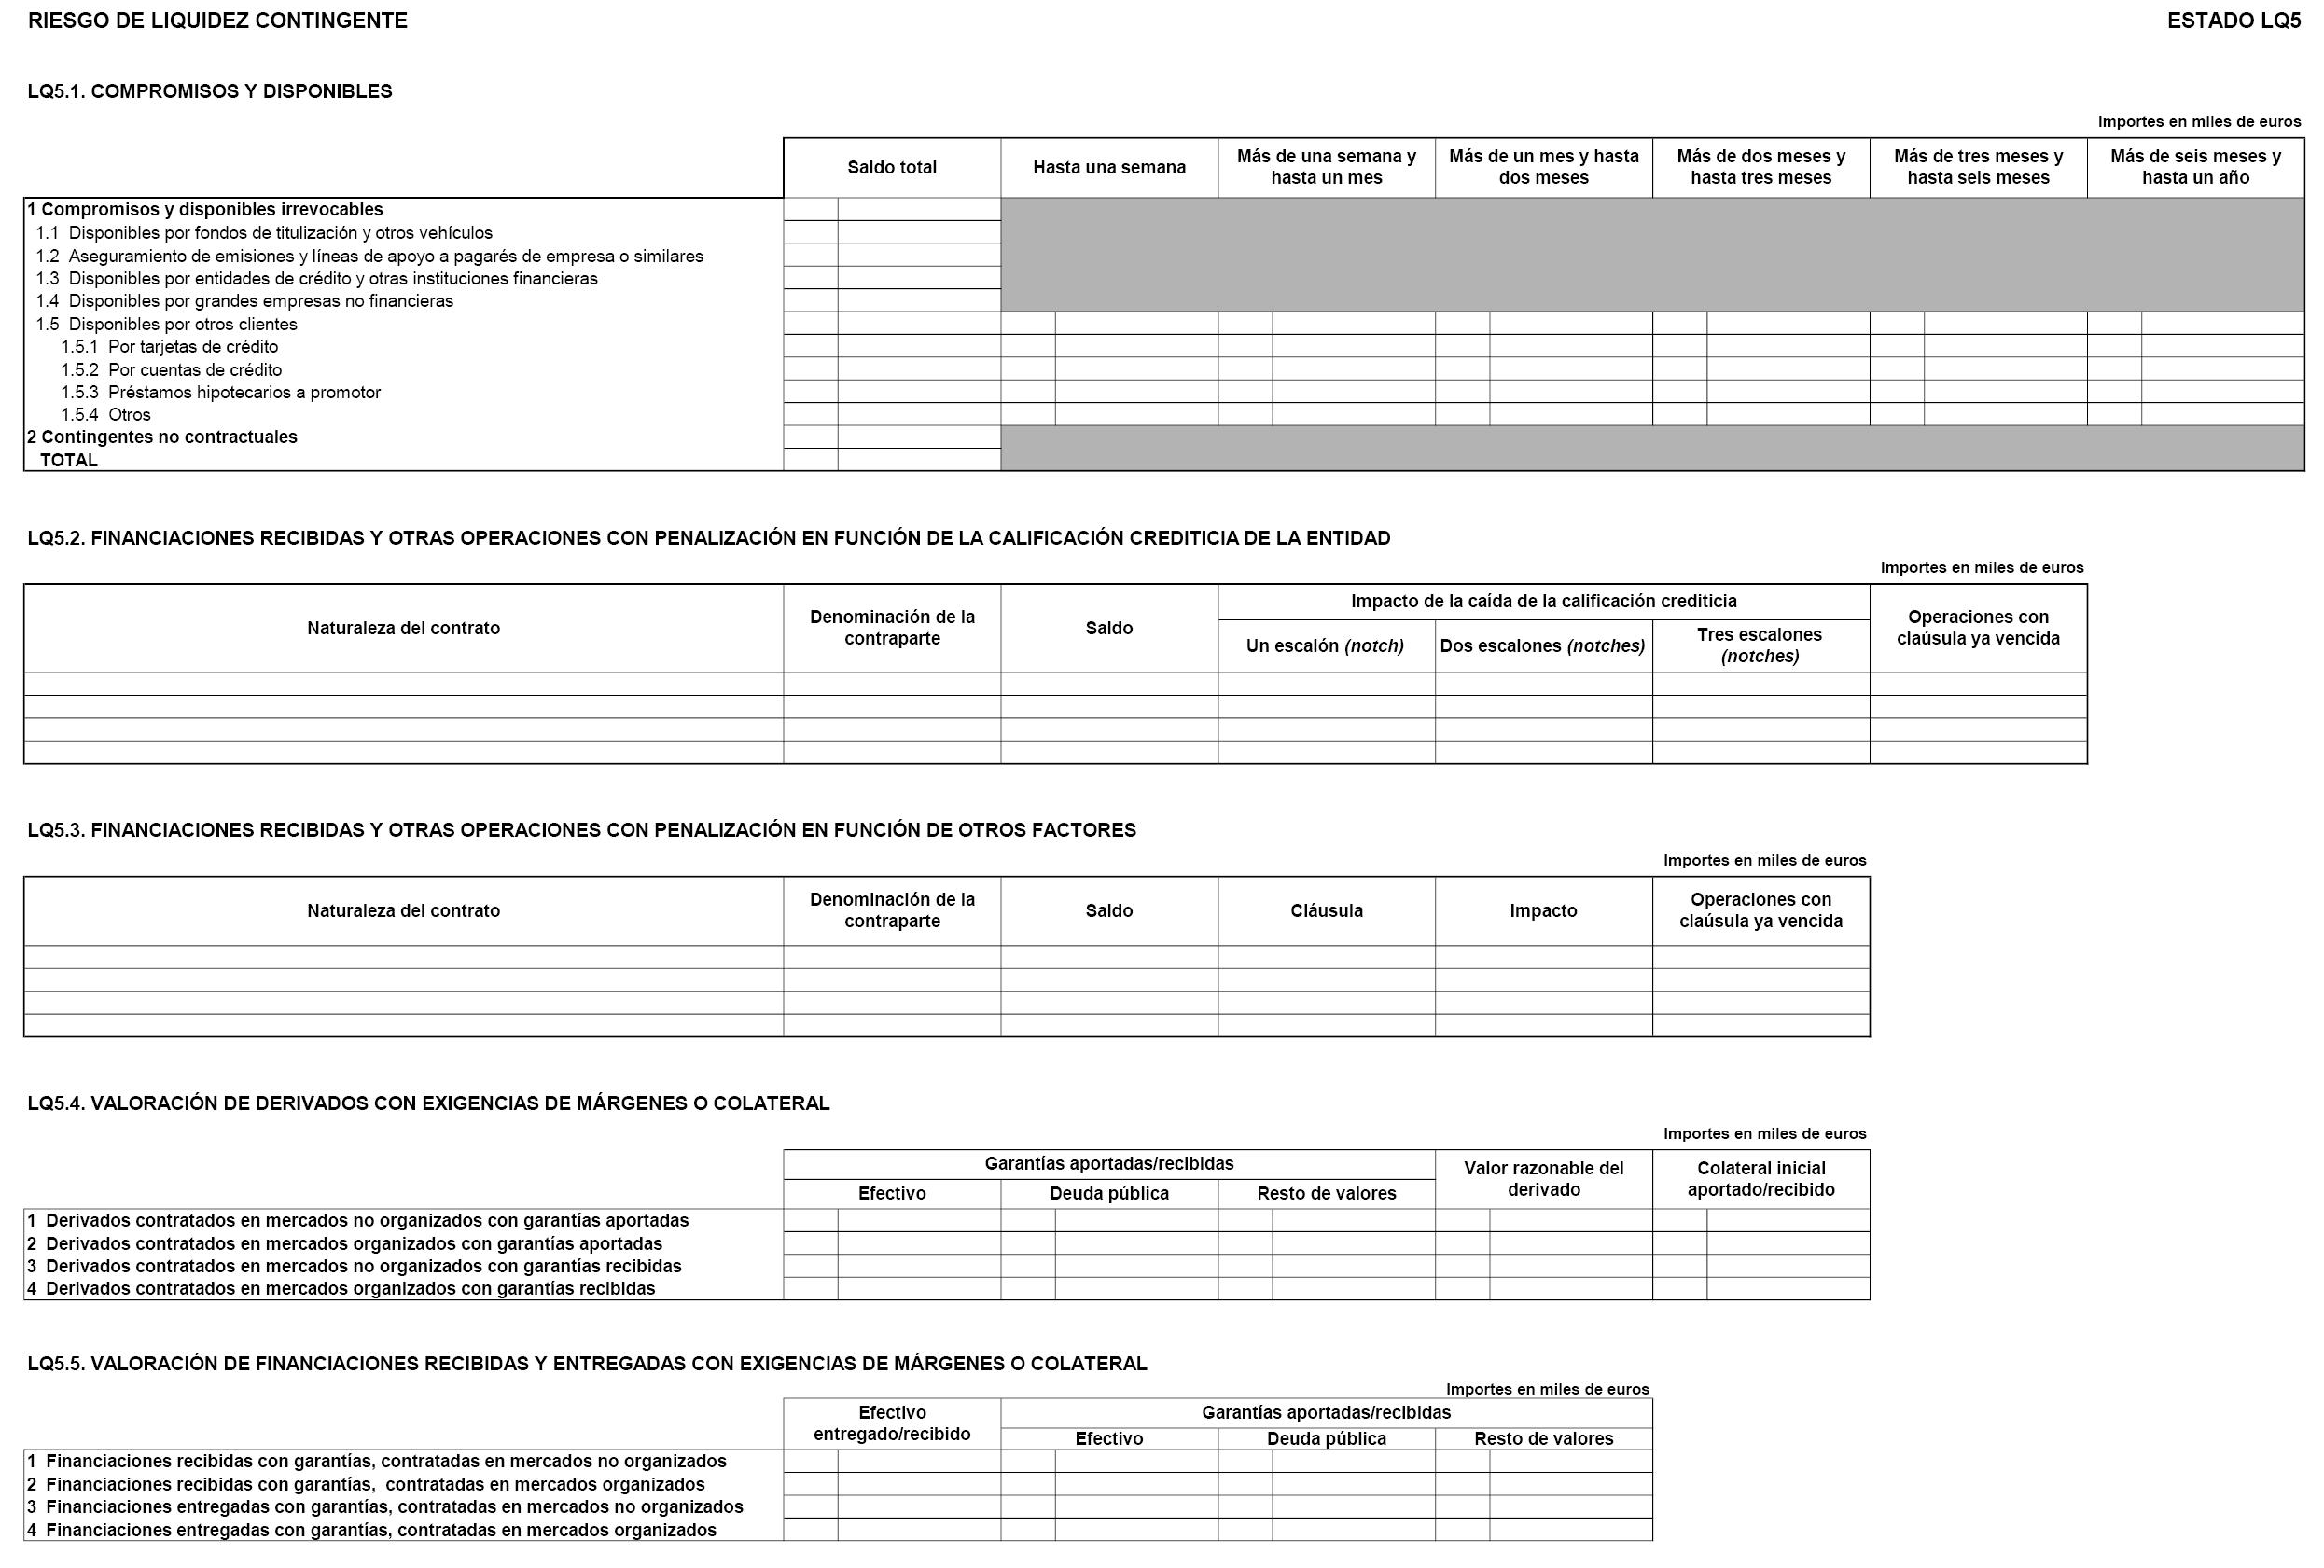 BOE.es - Documento consolidado BOE-A-2016-1238